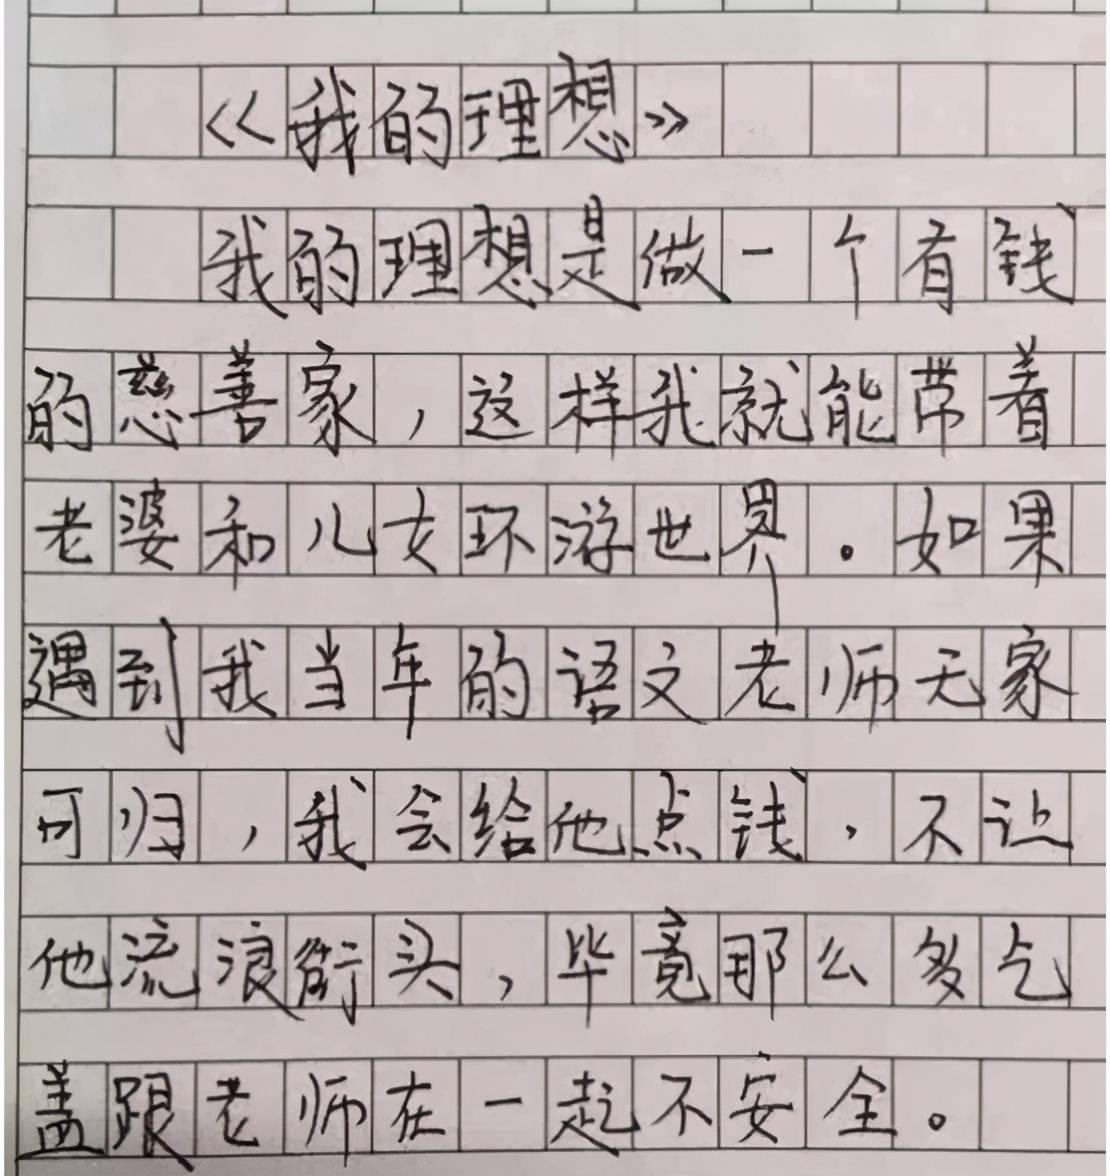 数学作文【通用3篇】 初二数学日记300字左右